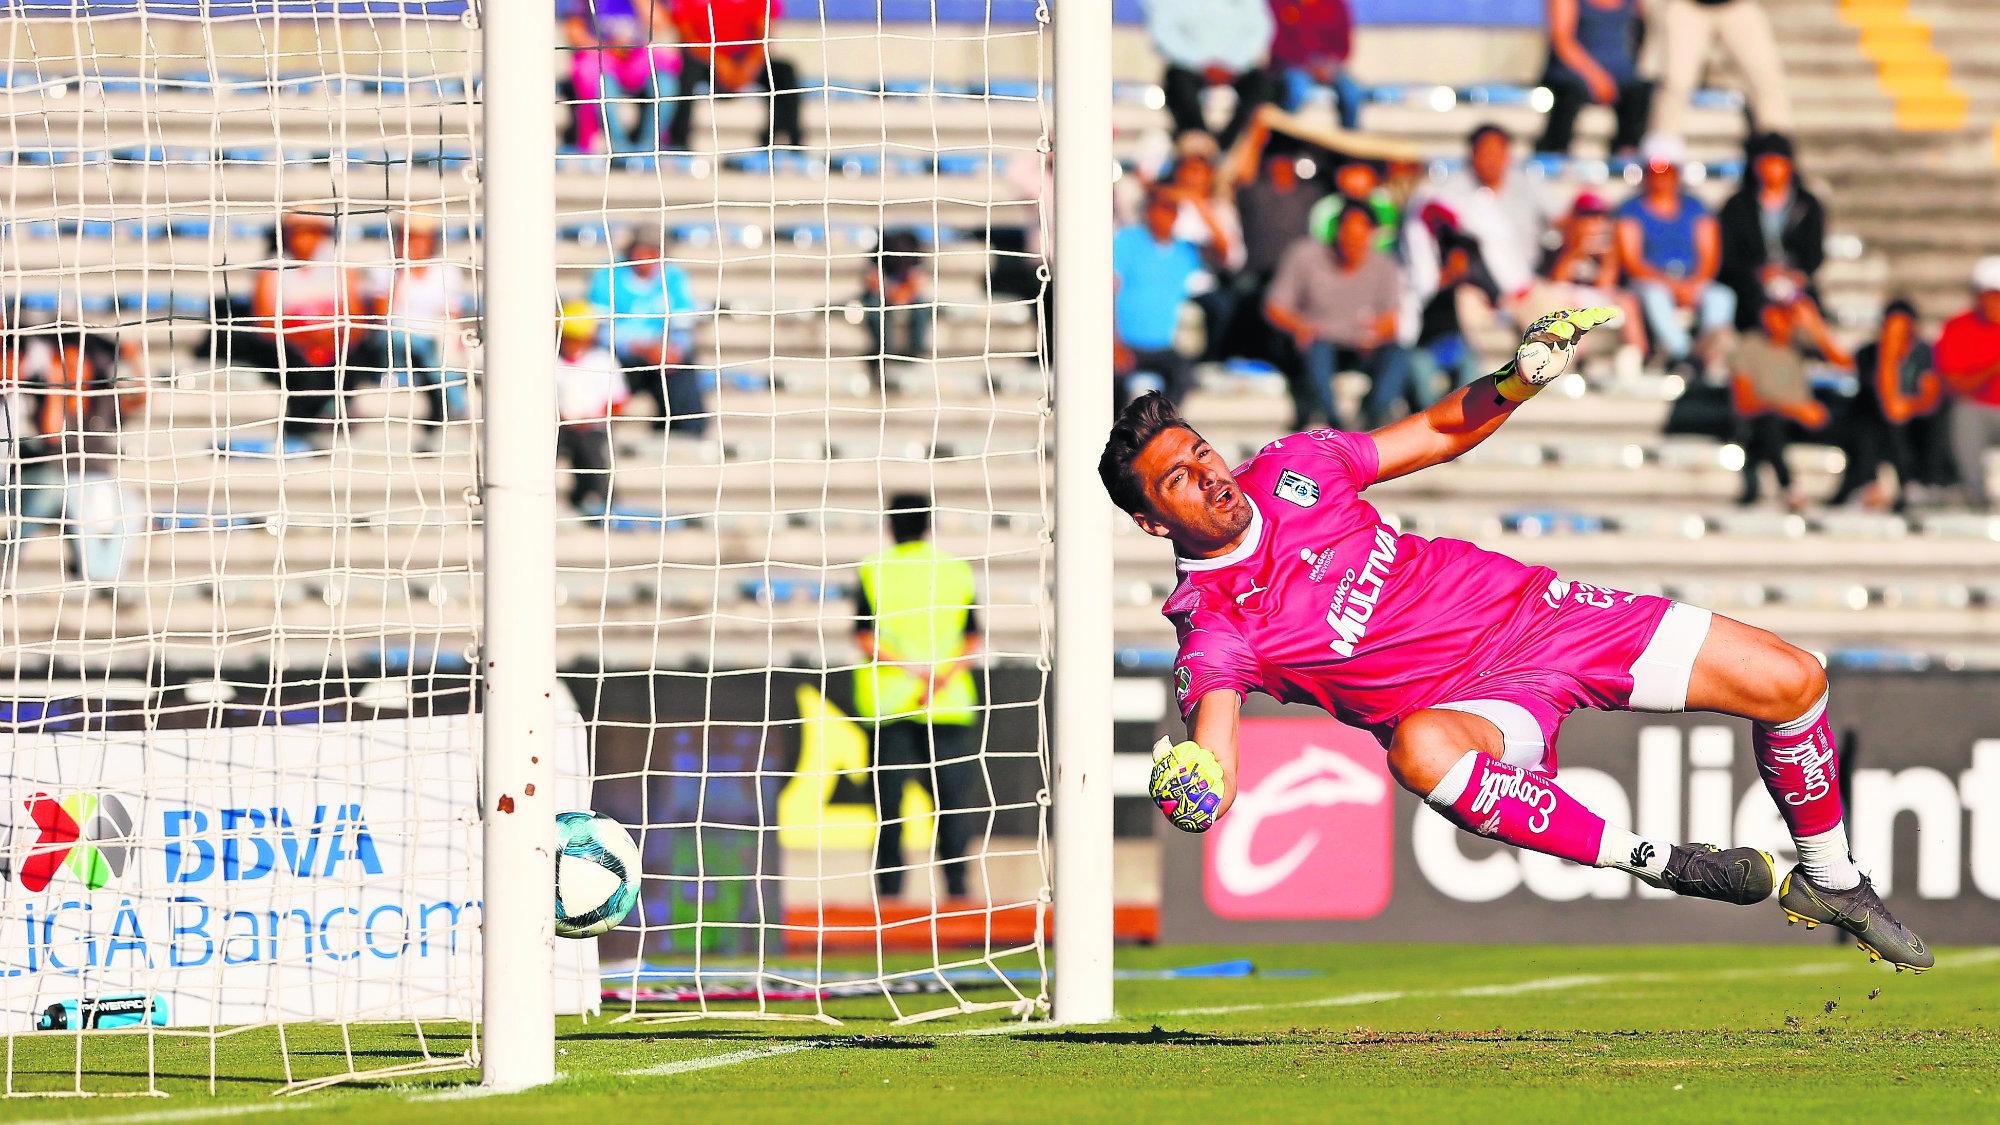 Lobos BUAP Gallos Victoria Fútbol Mexicano